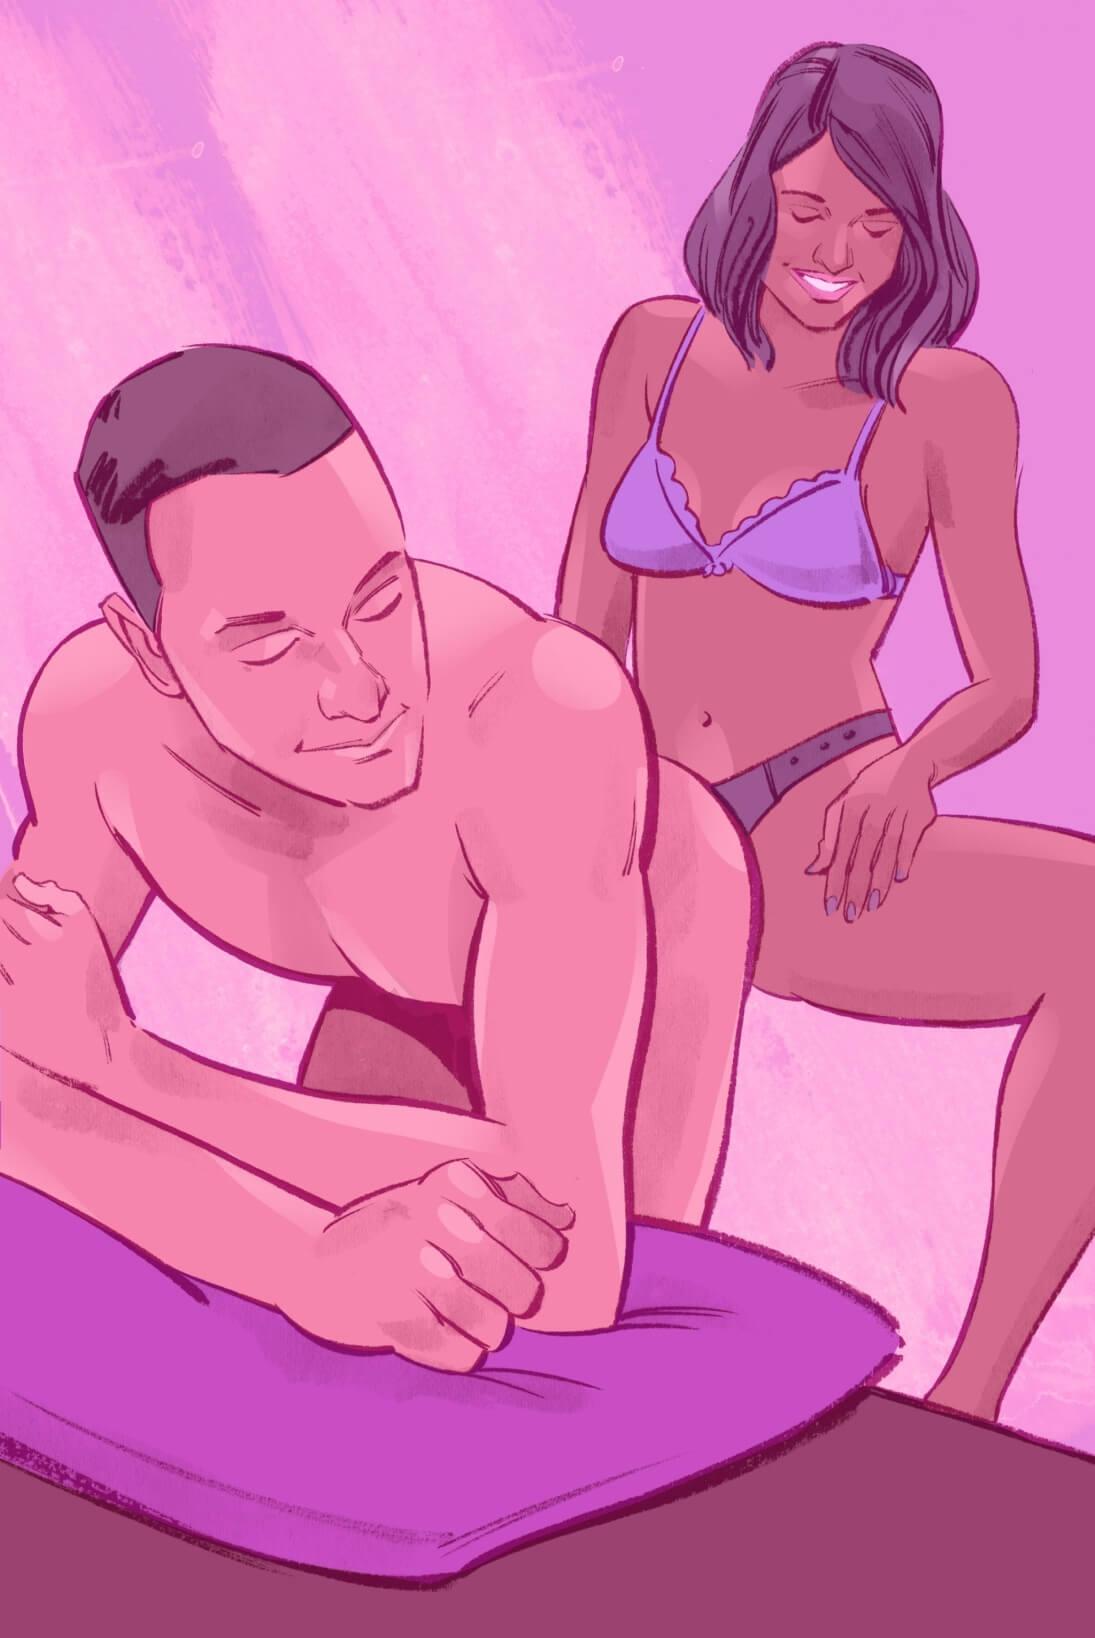 Перемена ролей в сексе и сексуальные позы при этом